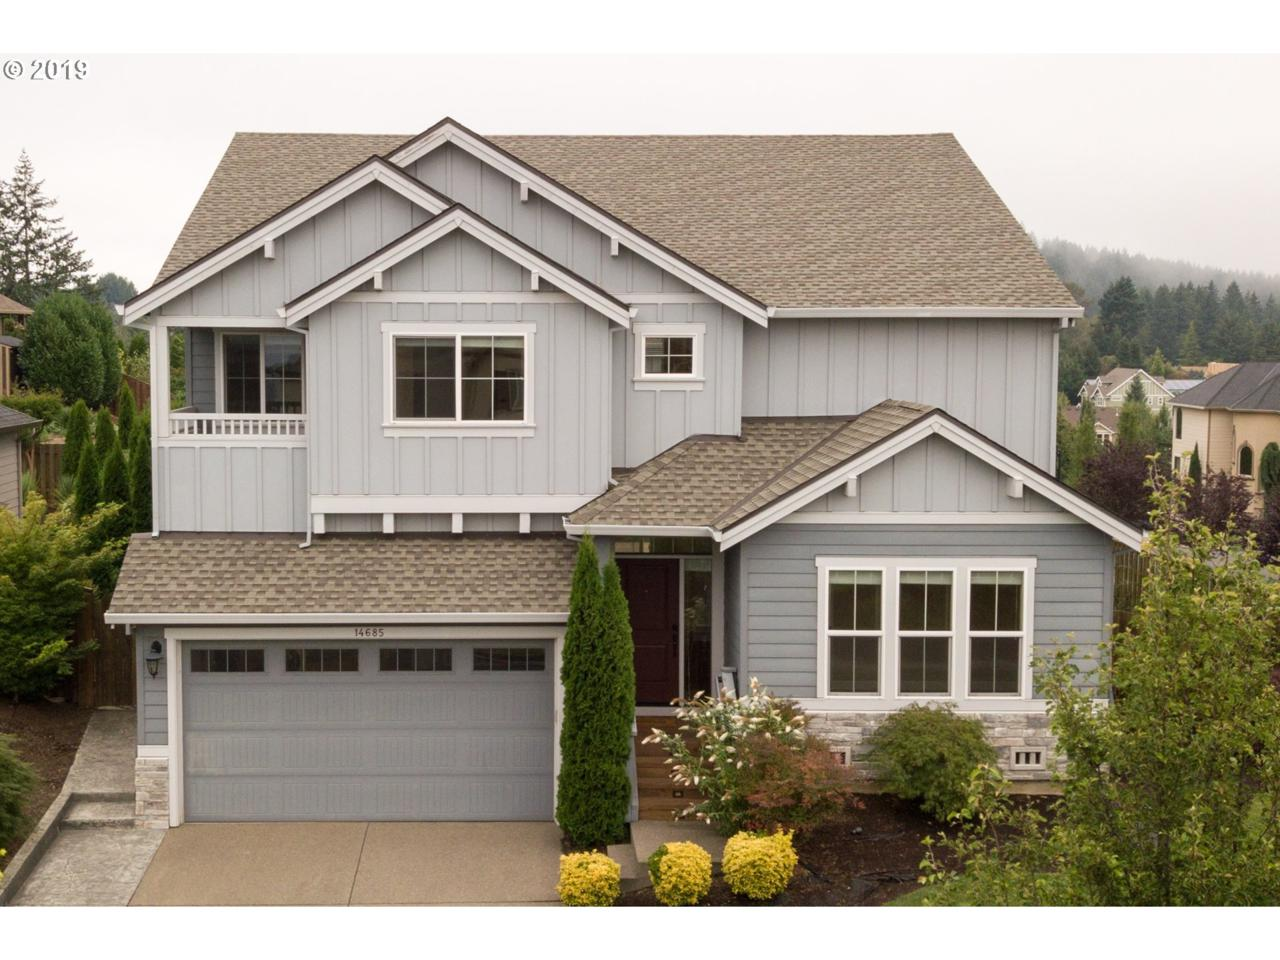 14685 Mountain Ridge Ave - Photo 1